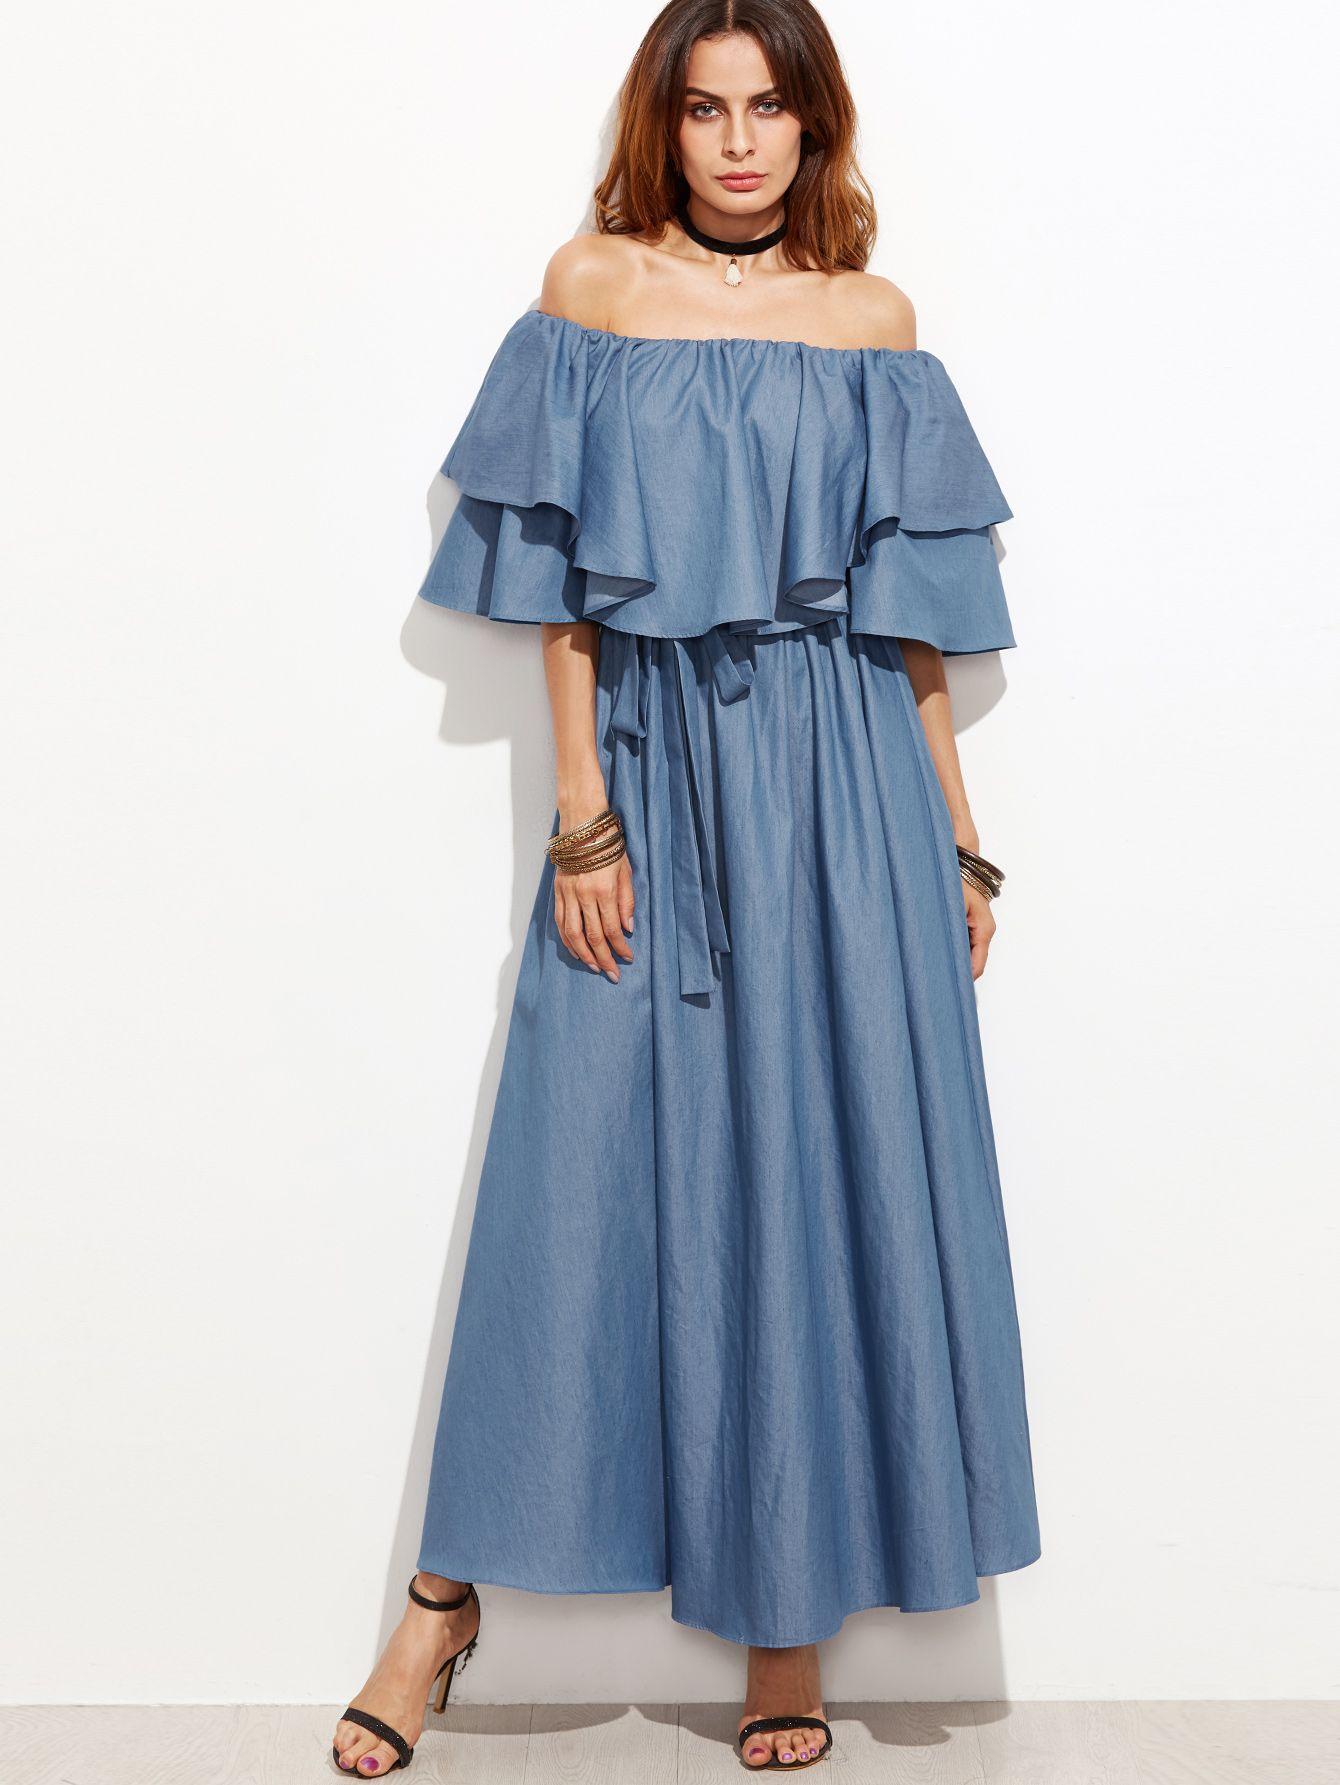 Flounce layered neckline chambray dress chambray dress chambray